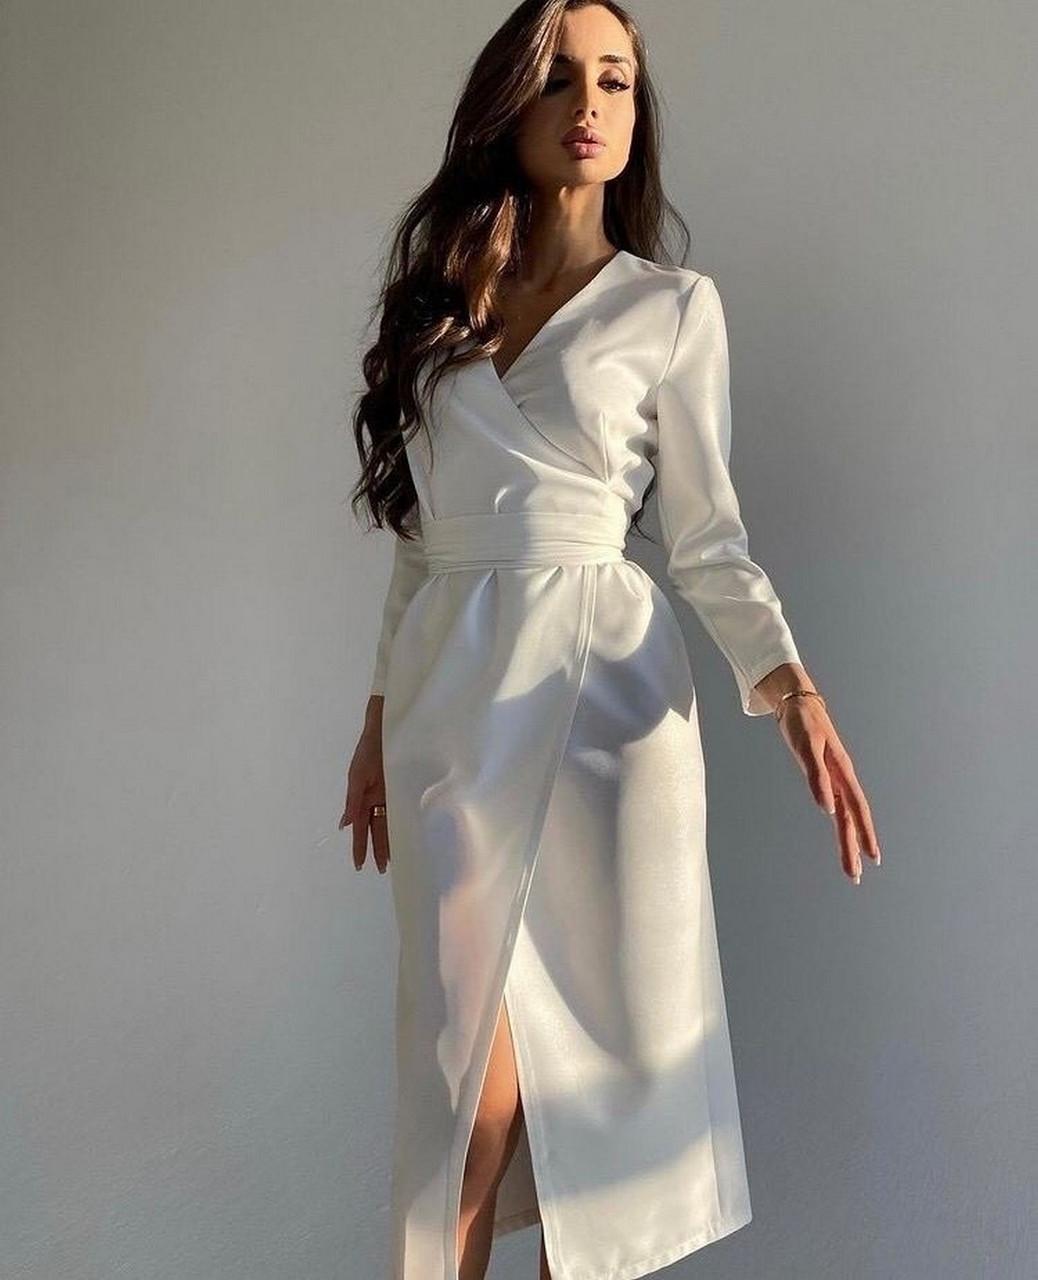 Стильное женское платье на запах с длинным рукавом, 00920 (Белый), Размер 42 (S)